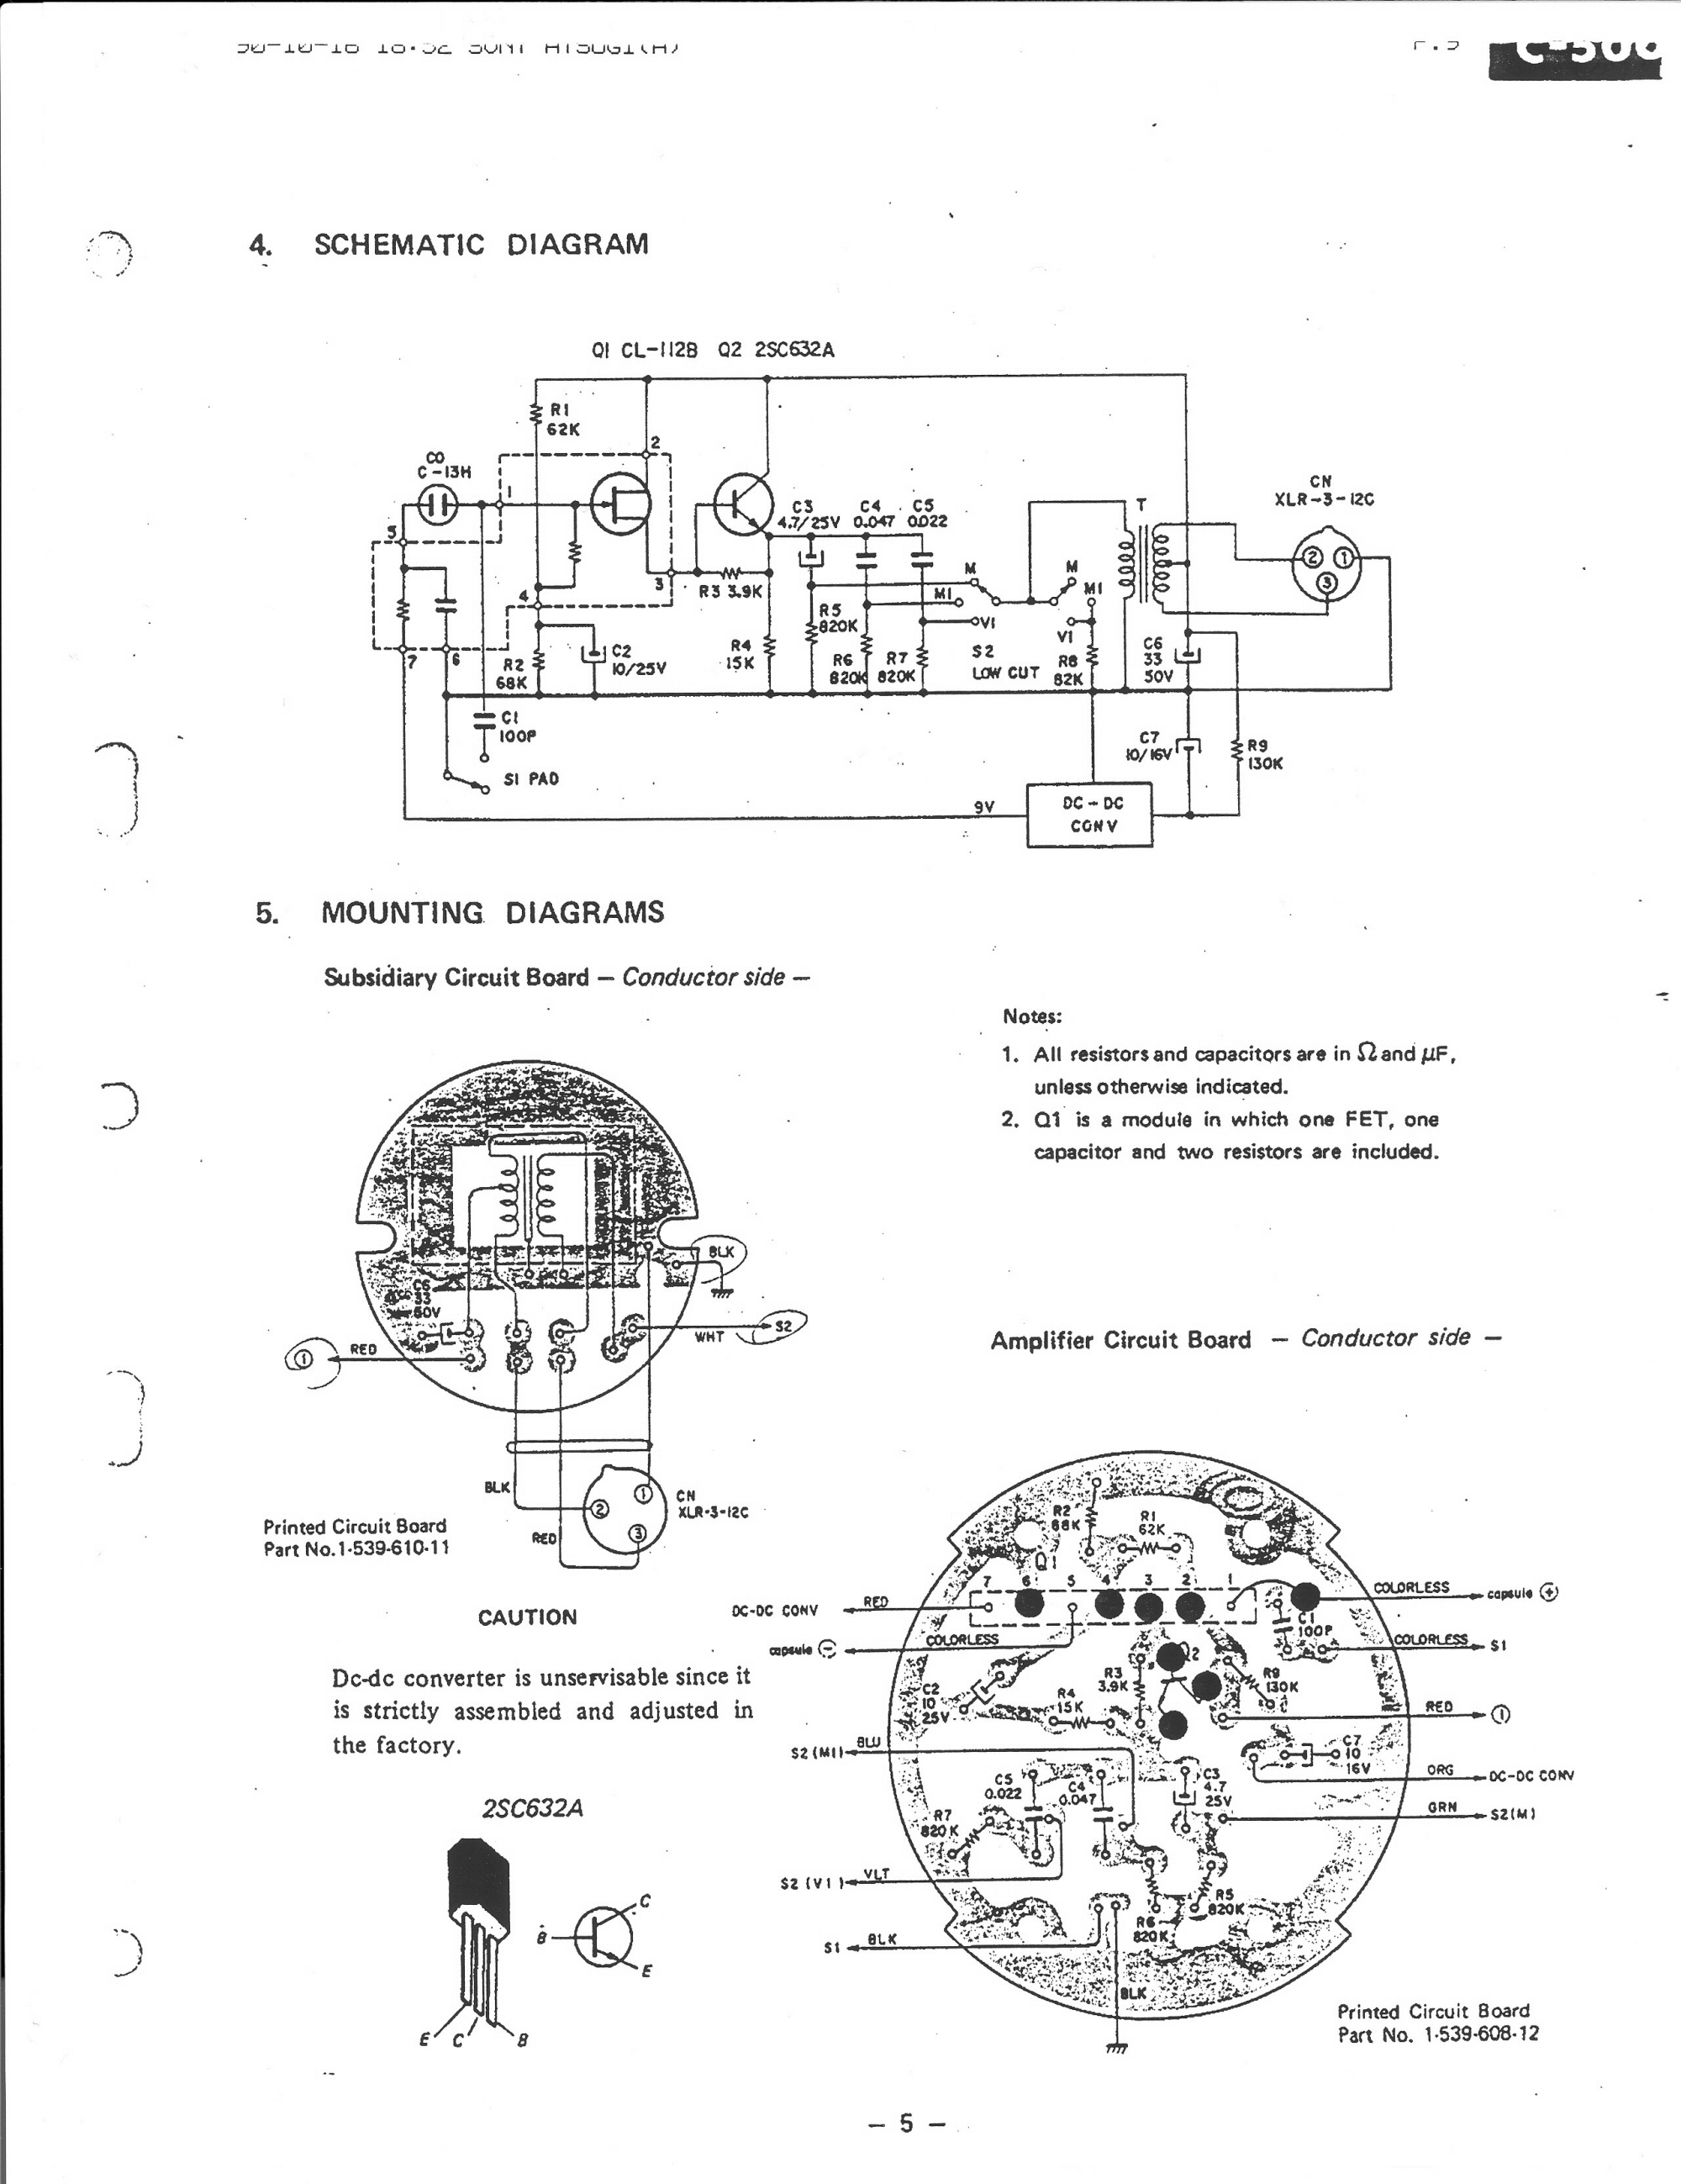 micbuilders file area